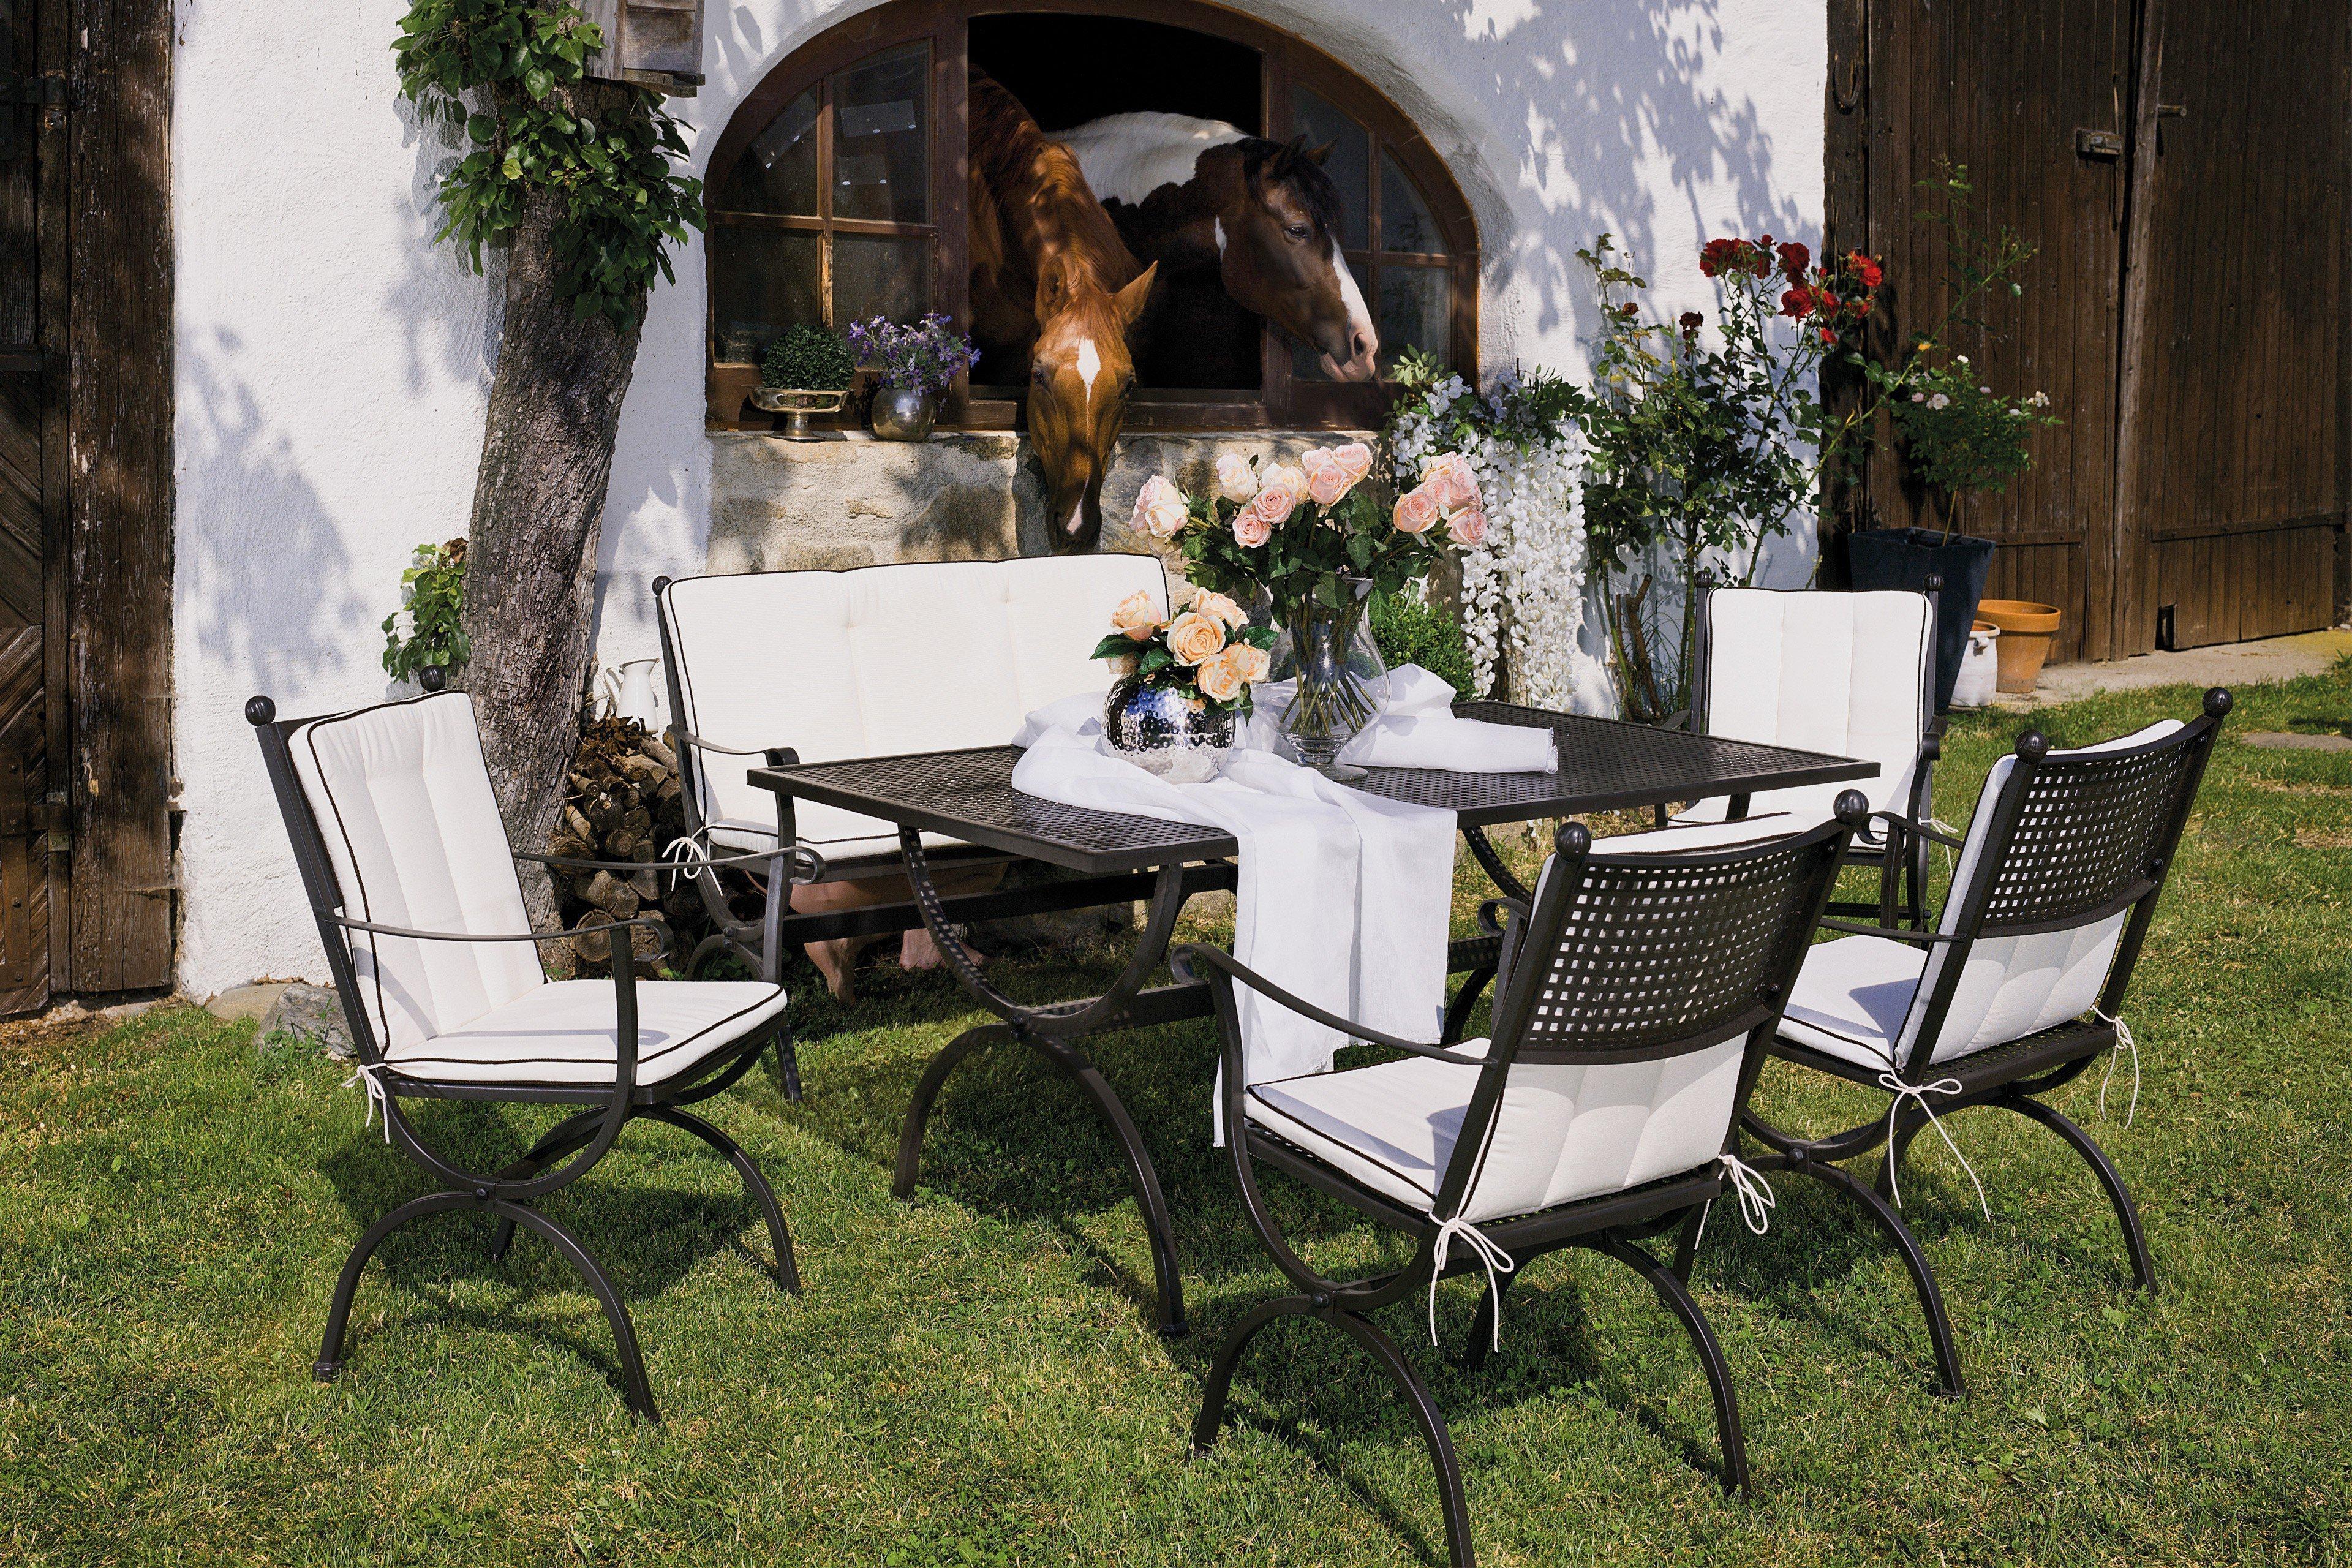 mbm gartentisch romeo ca 125 x 75 cm m bel letz ihr online shop. Black Bedroom Furniture Sets. Home Design Ideas